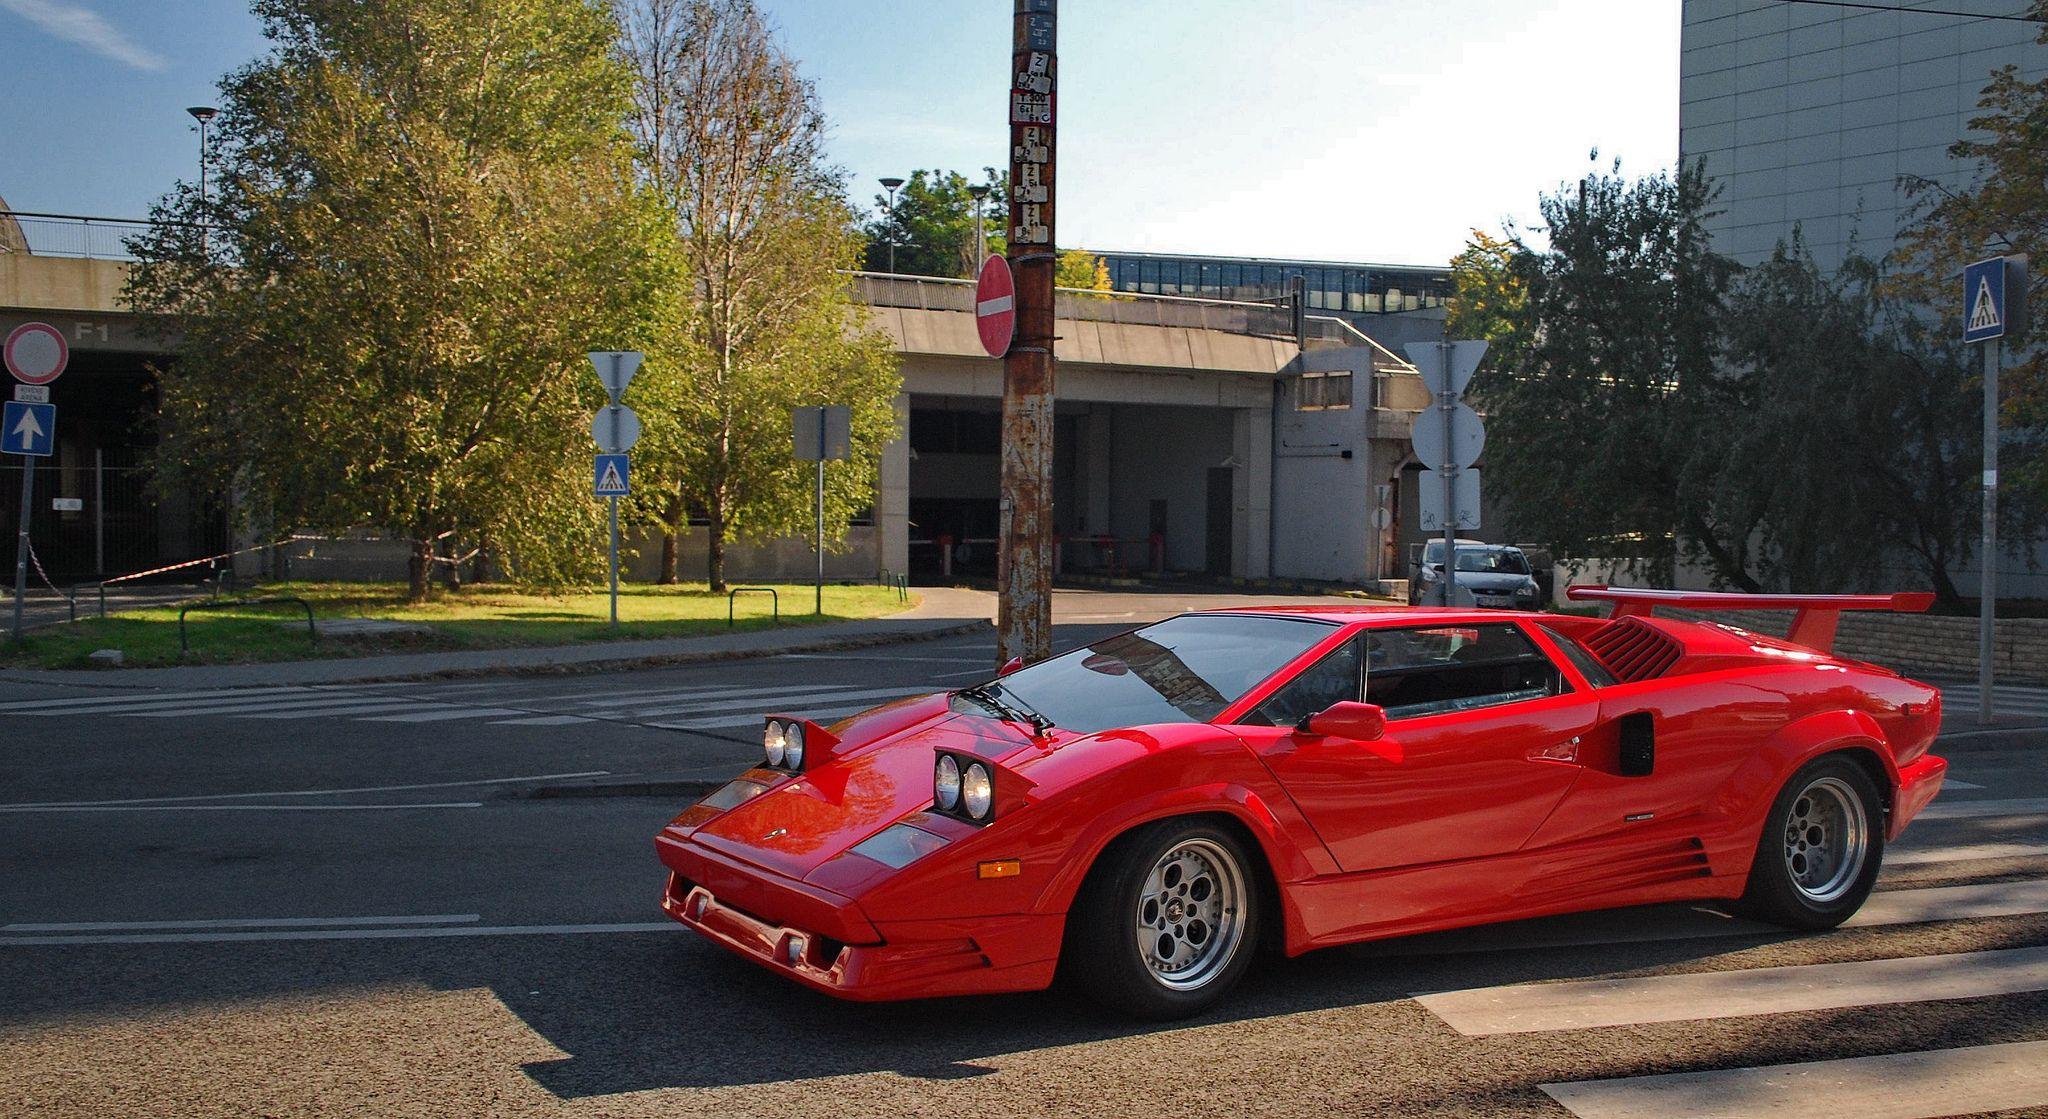 62bb2f7683b09d7c89337b227cbdcdb8 Elegant Lamborghini Countach 25th Anniversary Specs Cars Trend